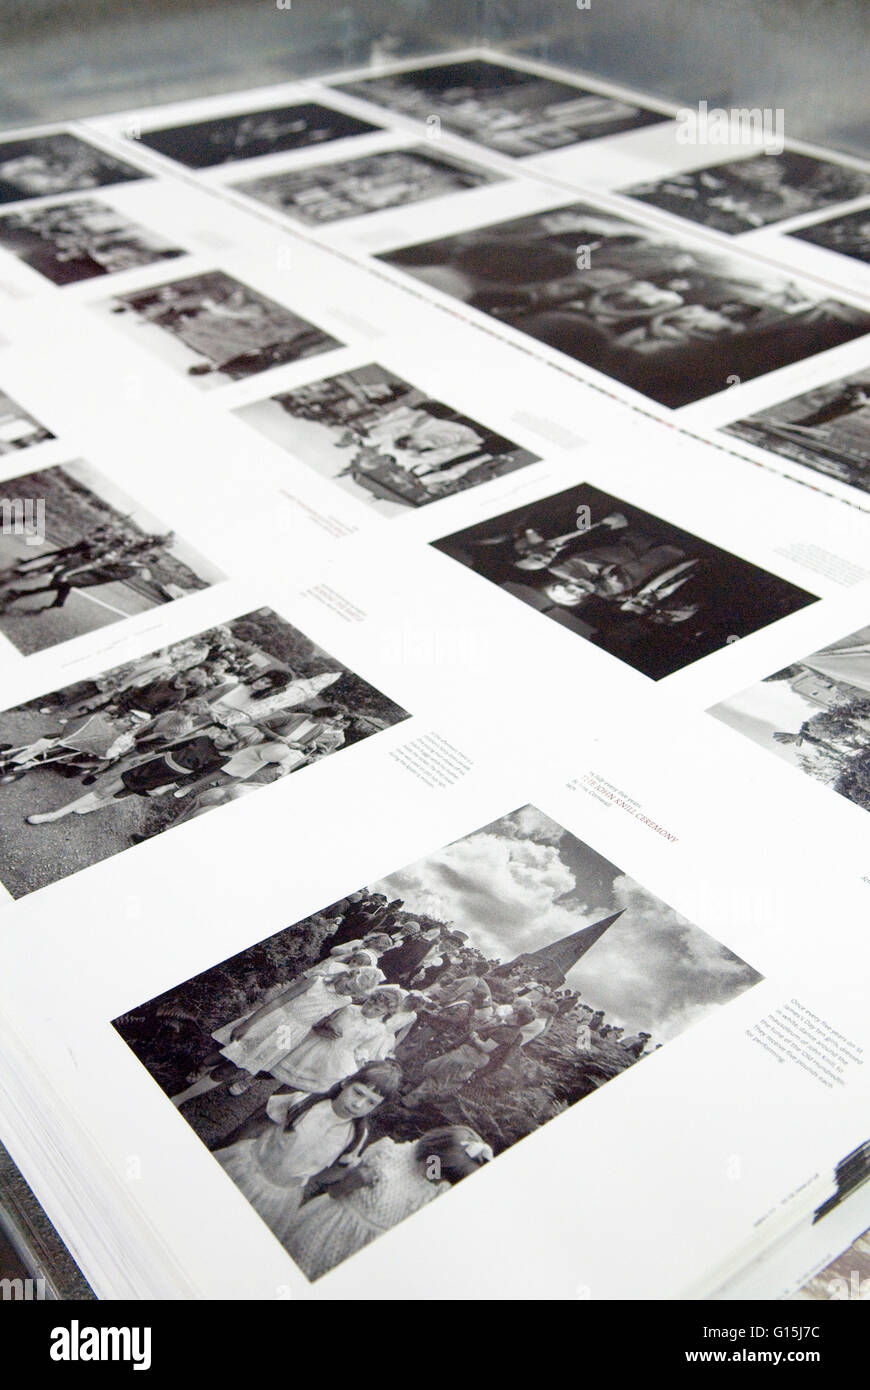 Italienischen Buchdrucker EBS Verona. Einmal im Jahr einige britische Brauchtum von Homer Sykes Blätter flach. Stockbild